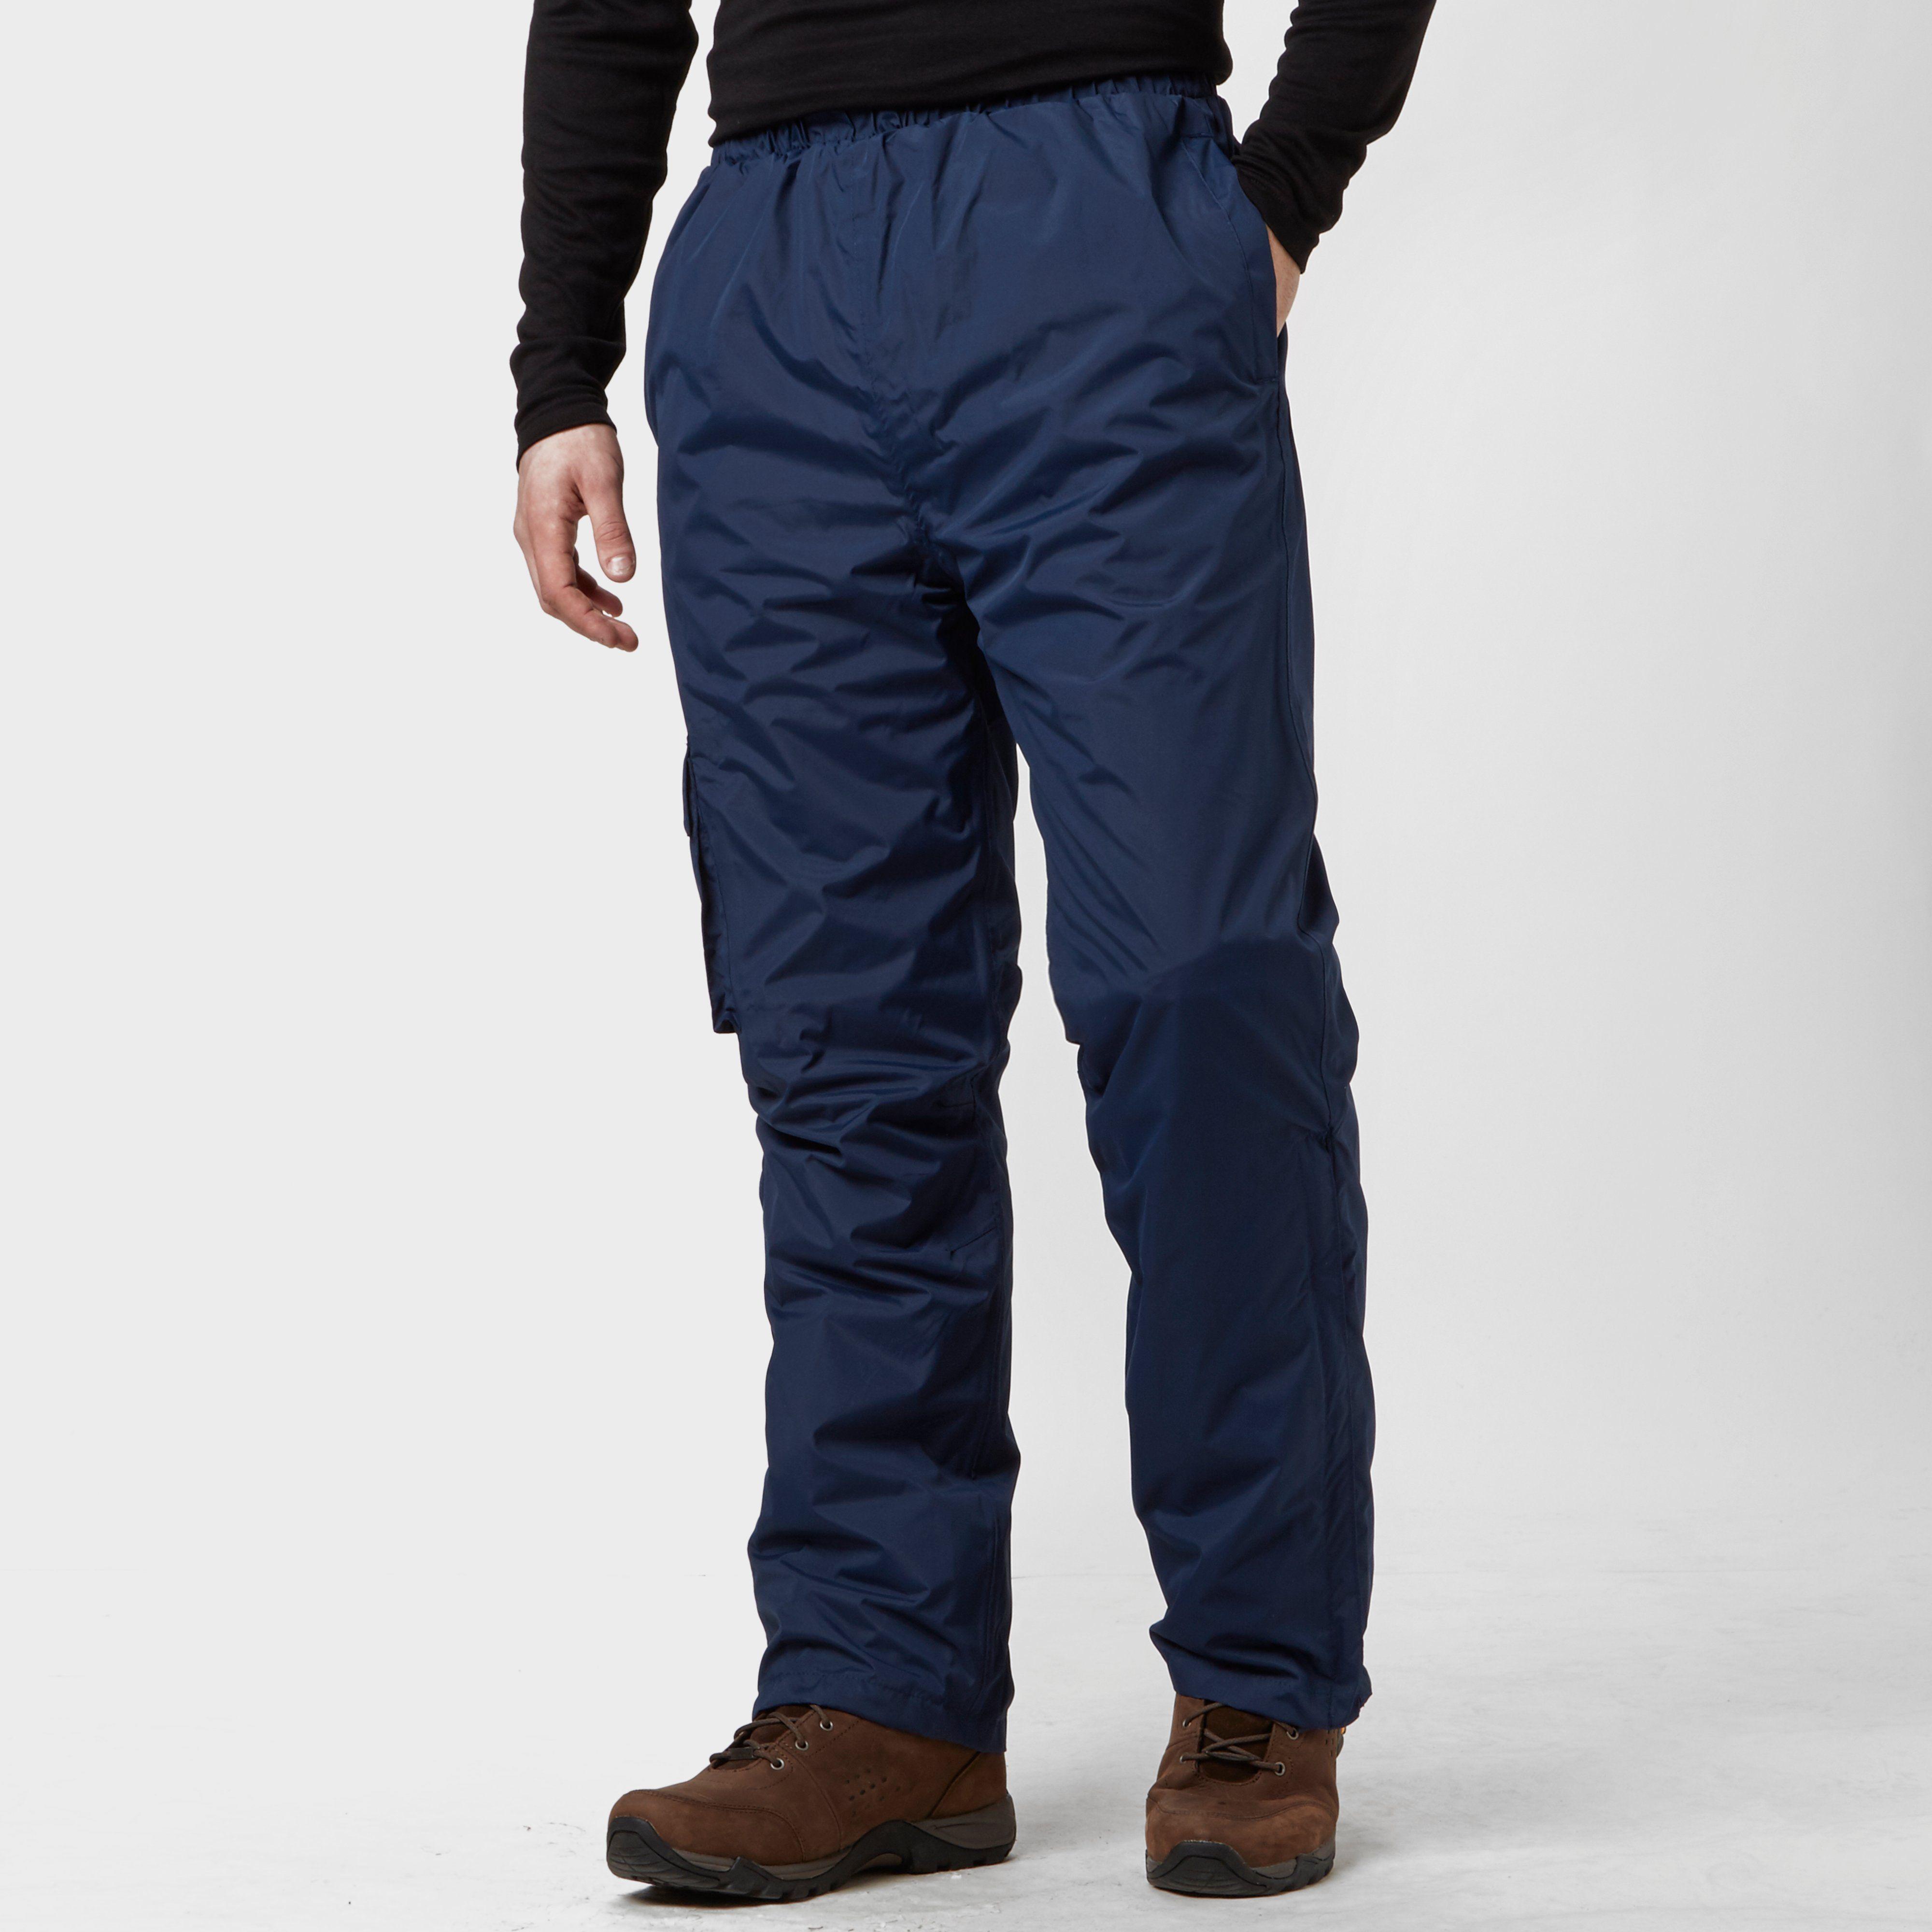 PETER STORM Men's Storm Waterproof Trousers